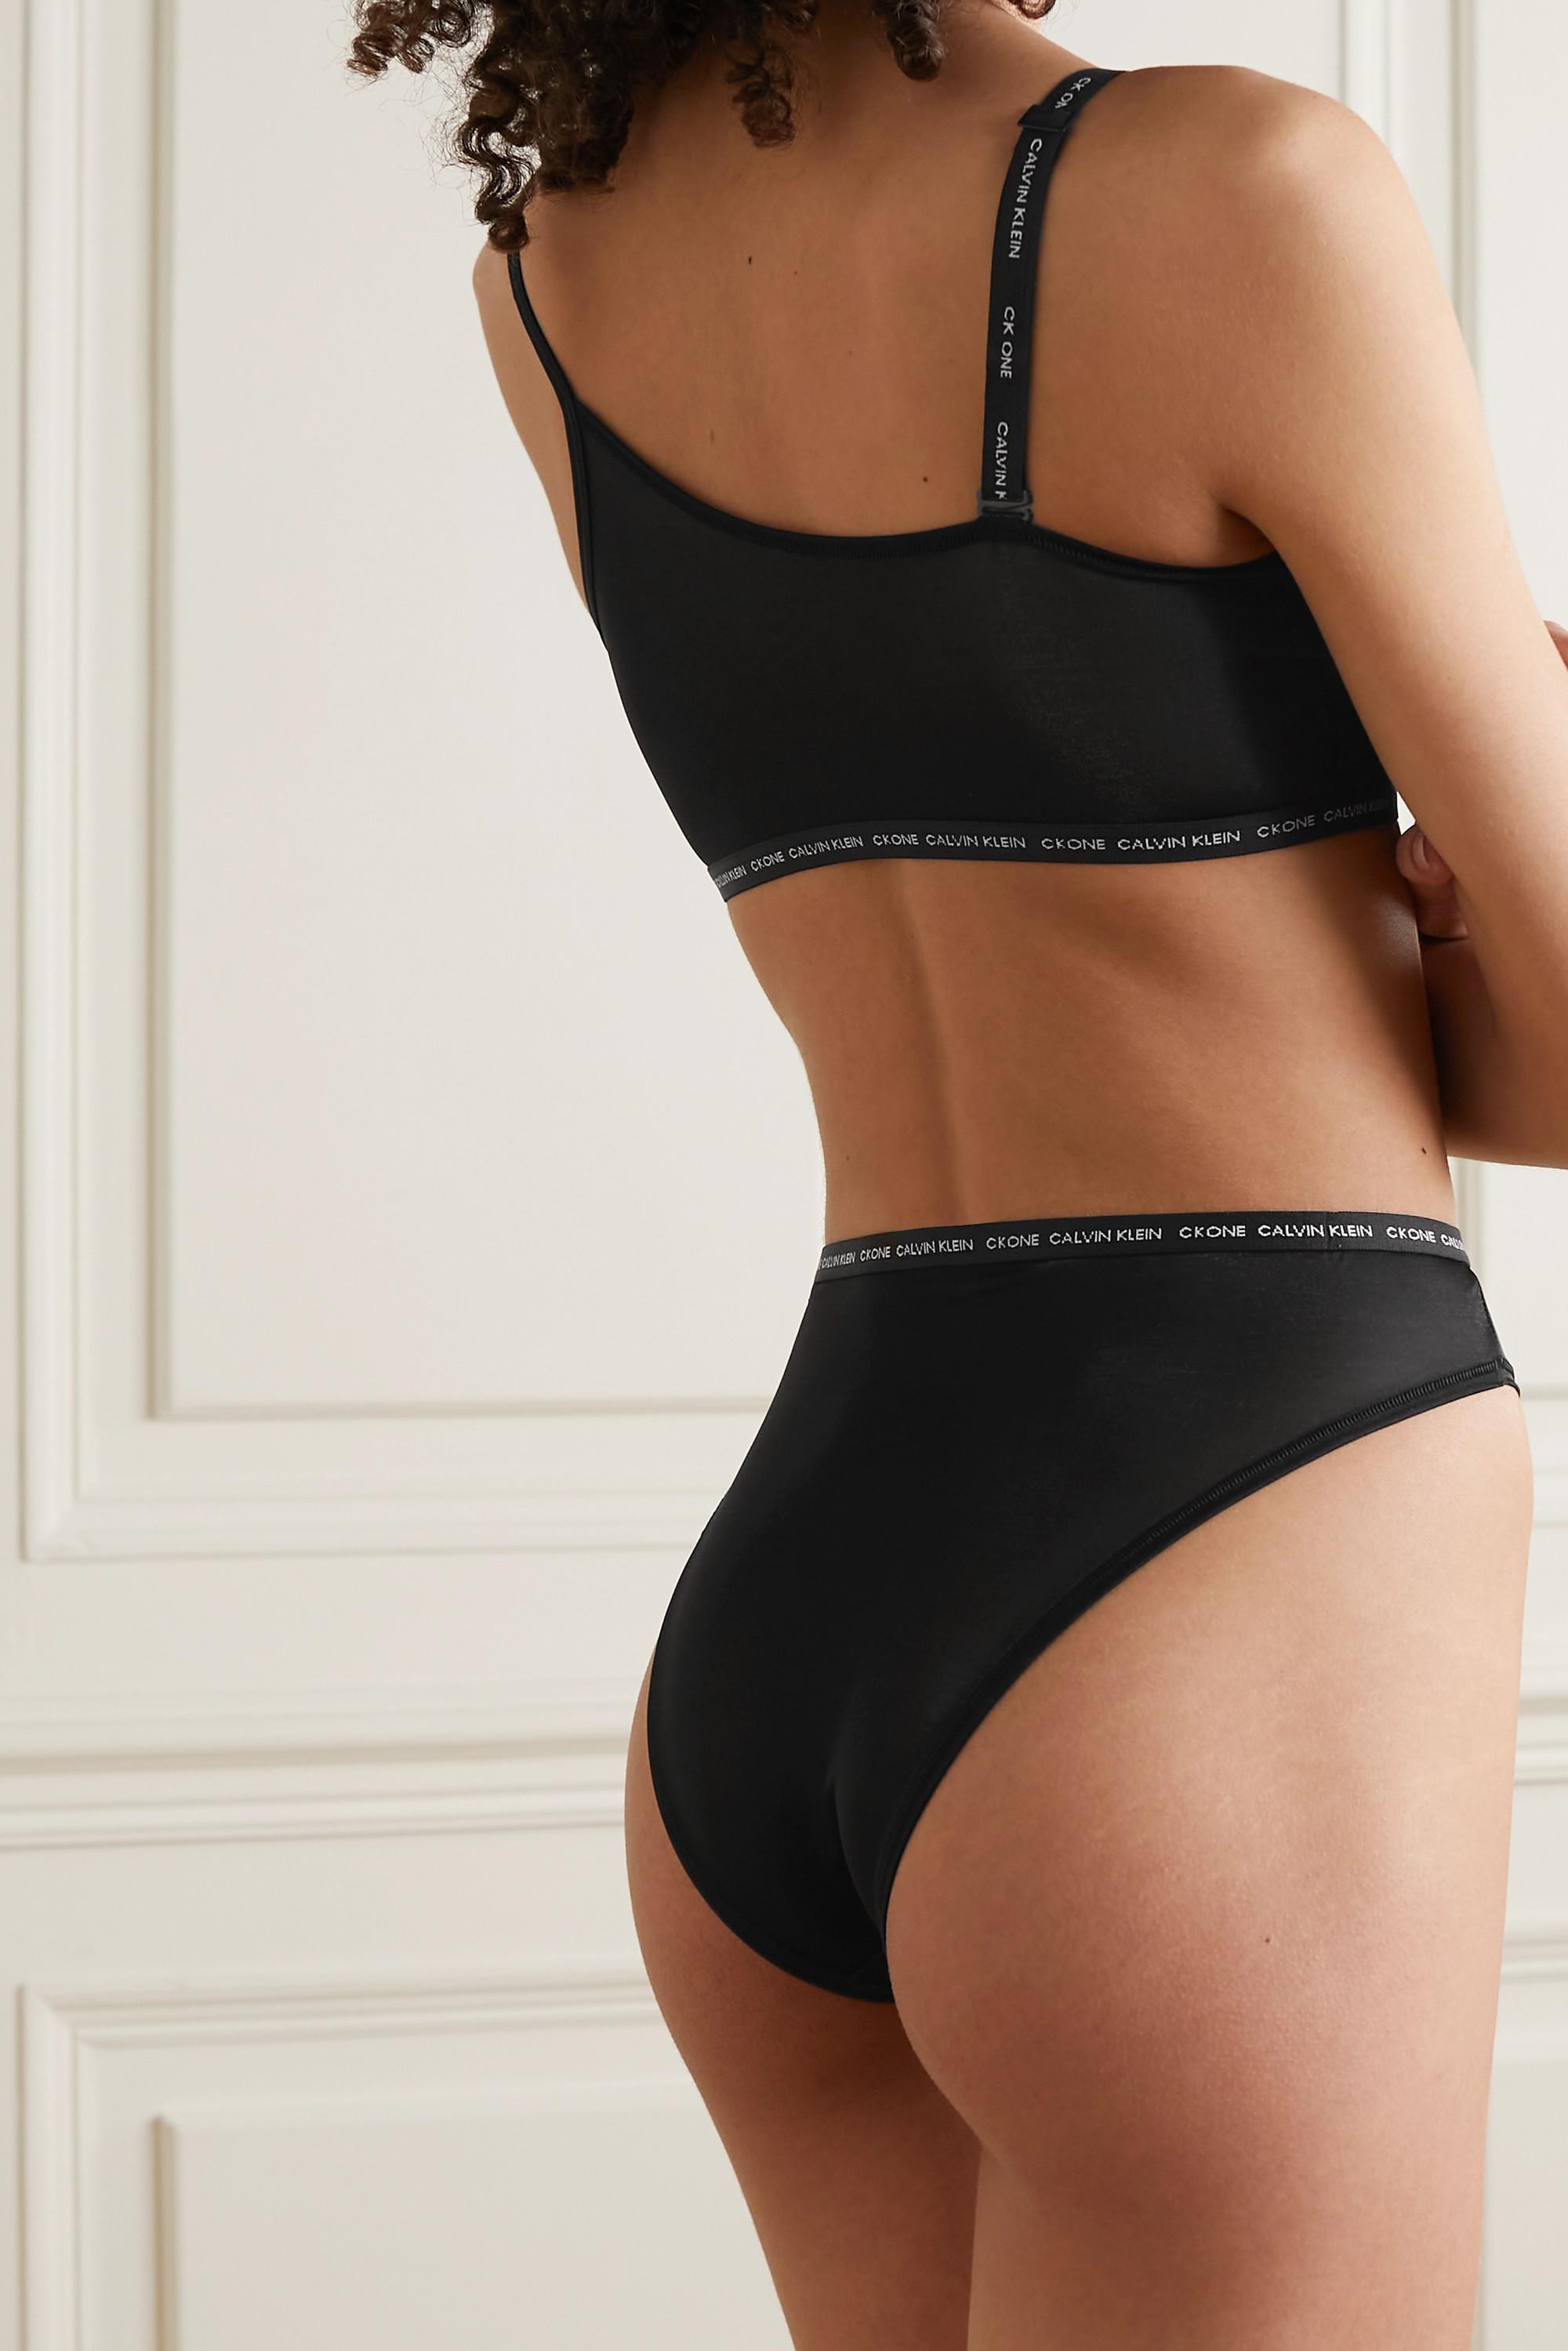 Calvin Klein Underwear CK One Glisten metallic stretch-jersey briefs